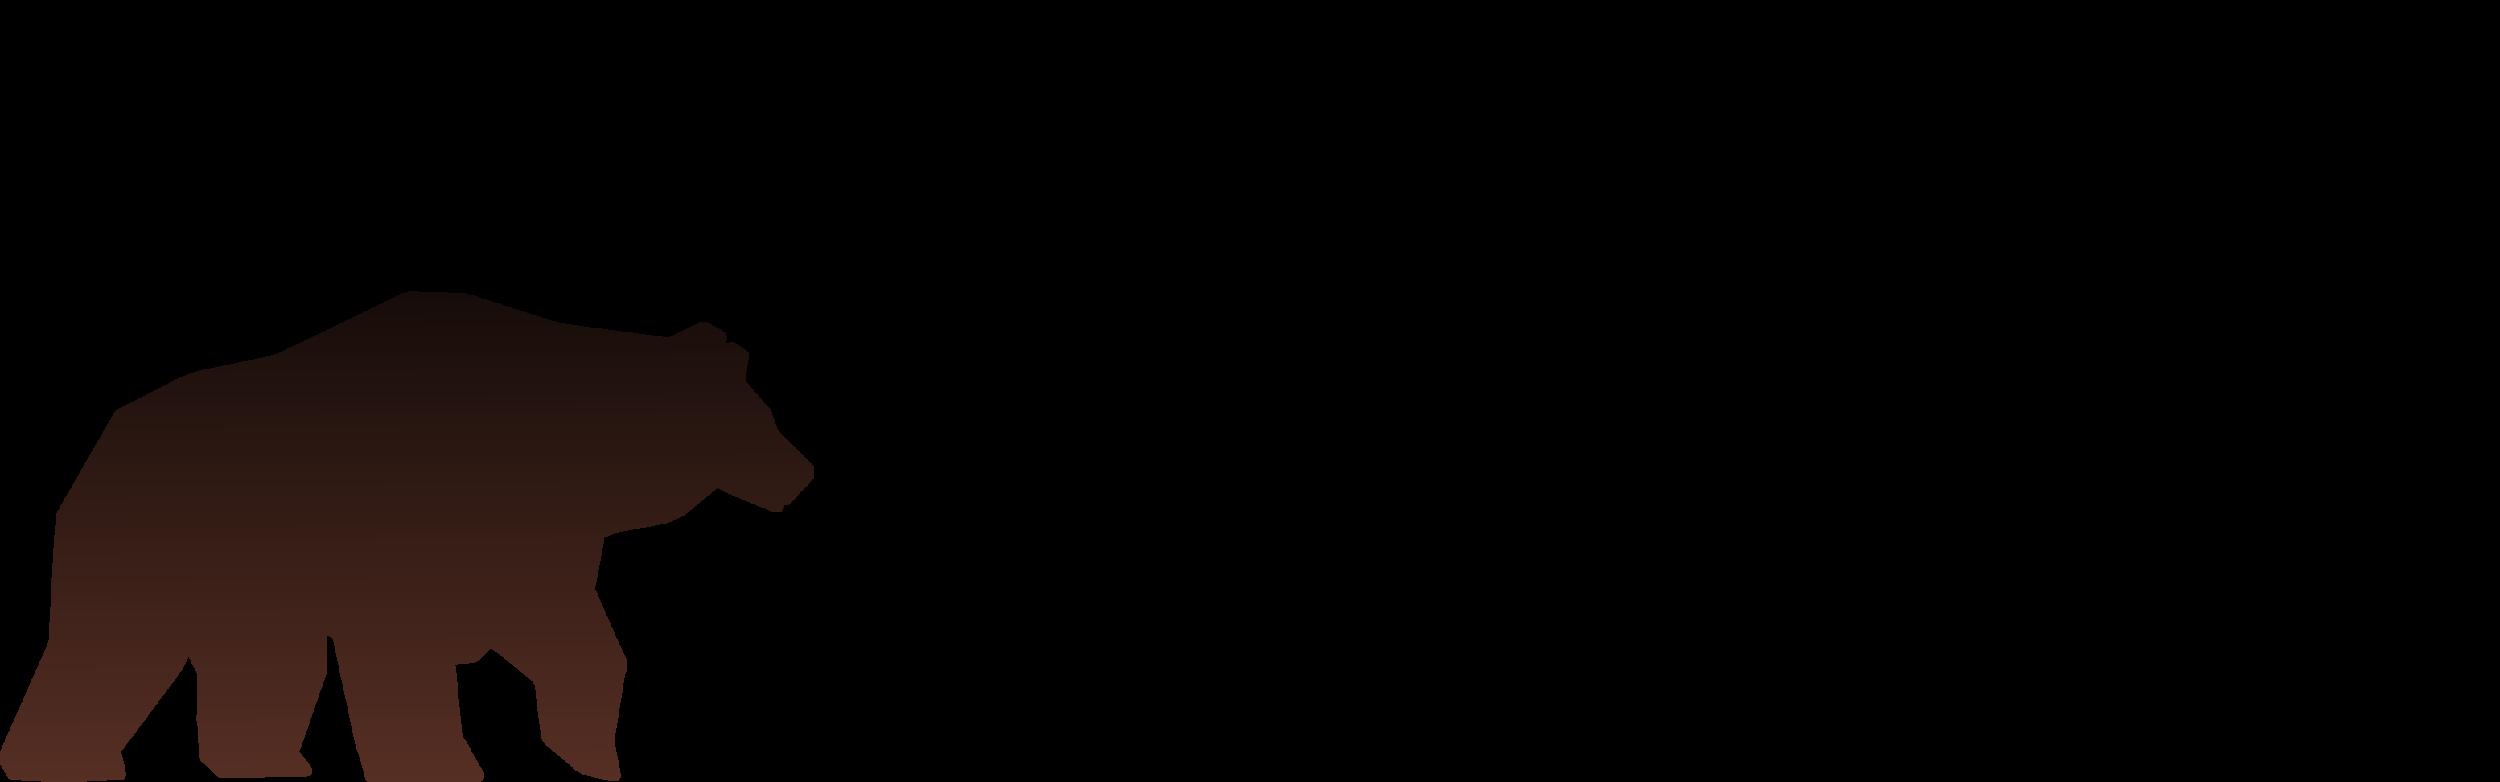 HSV header.png